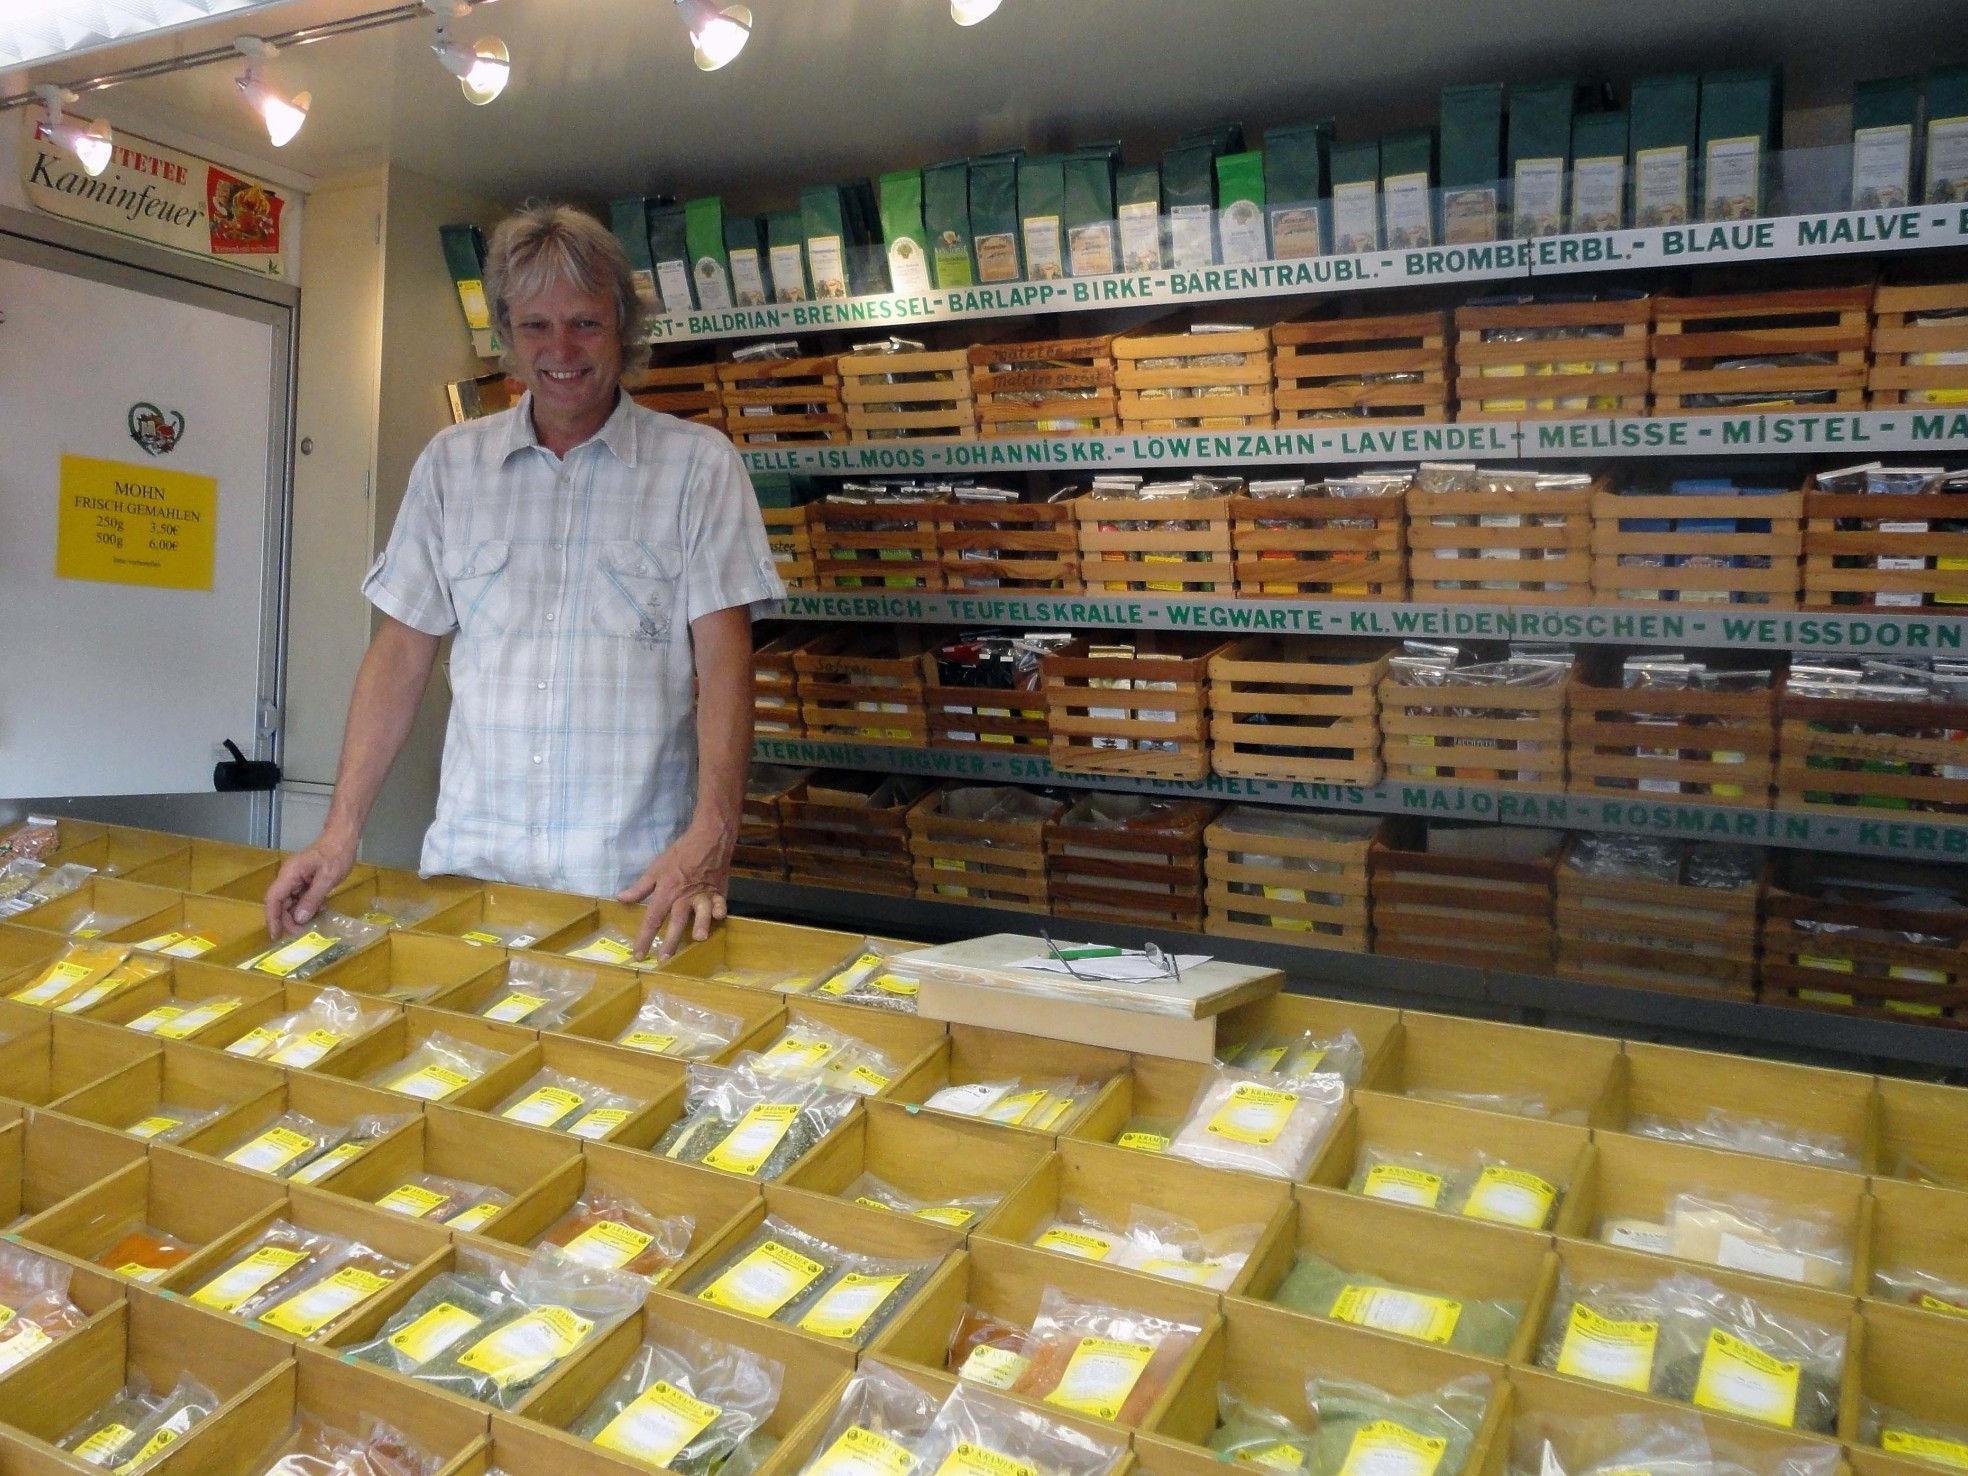 Helmut Kramer stellt seit 2004 köstliche Gewürzmischungen her, alles ohne Zusatzstoffe wie Glutamat, Hefe oder Zucker.